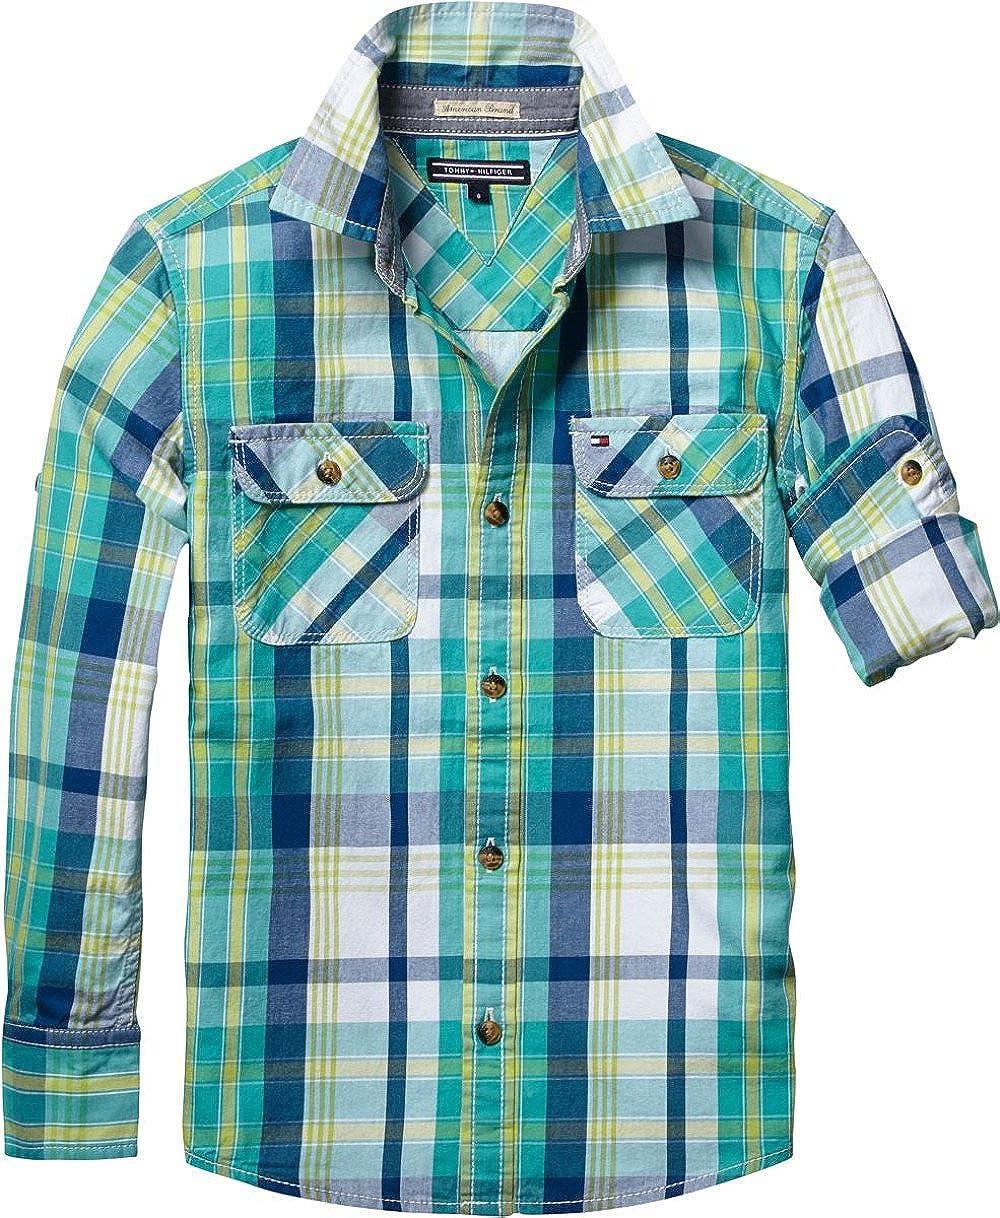 Tommy Hilfiger - Camisa - para niño Multicolor 8 años: Amazon.es: Ropa y accesorios